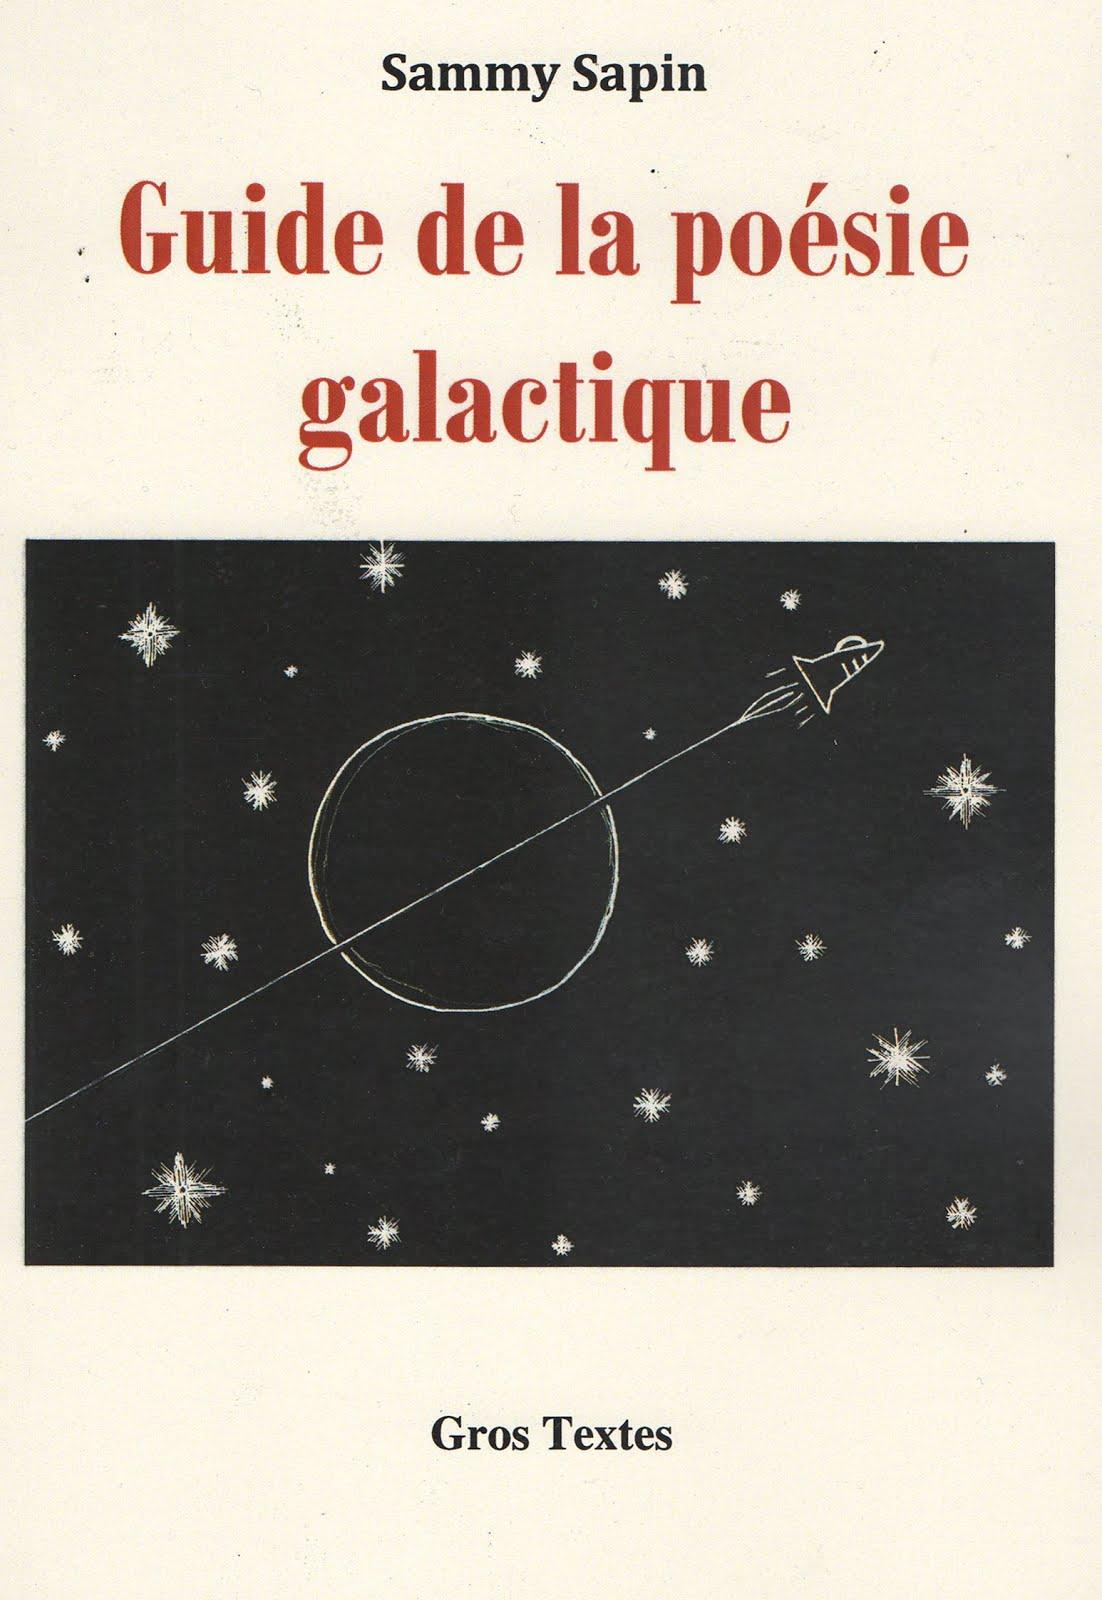 Guide de la poésie galactique